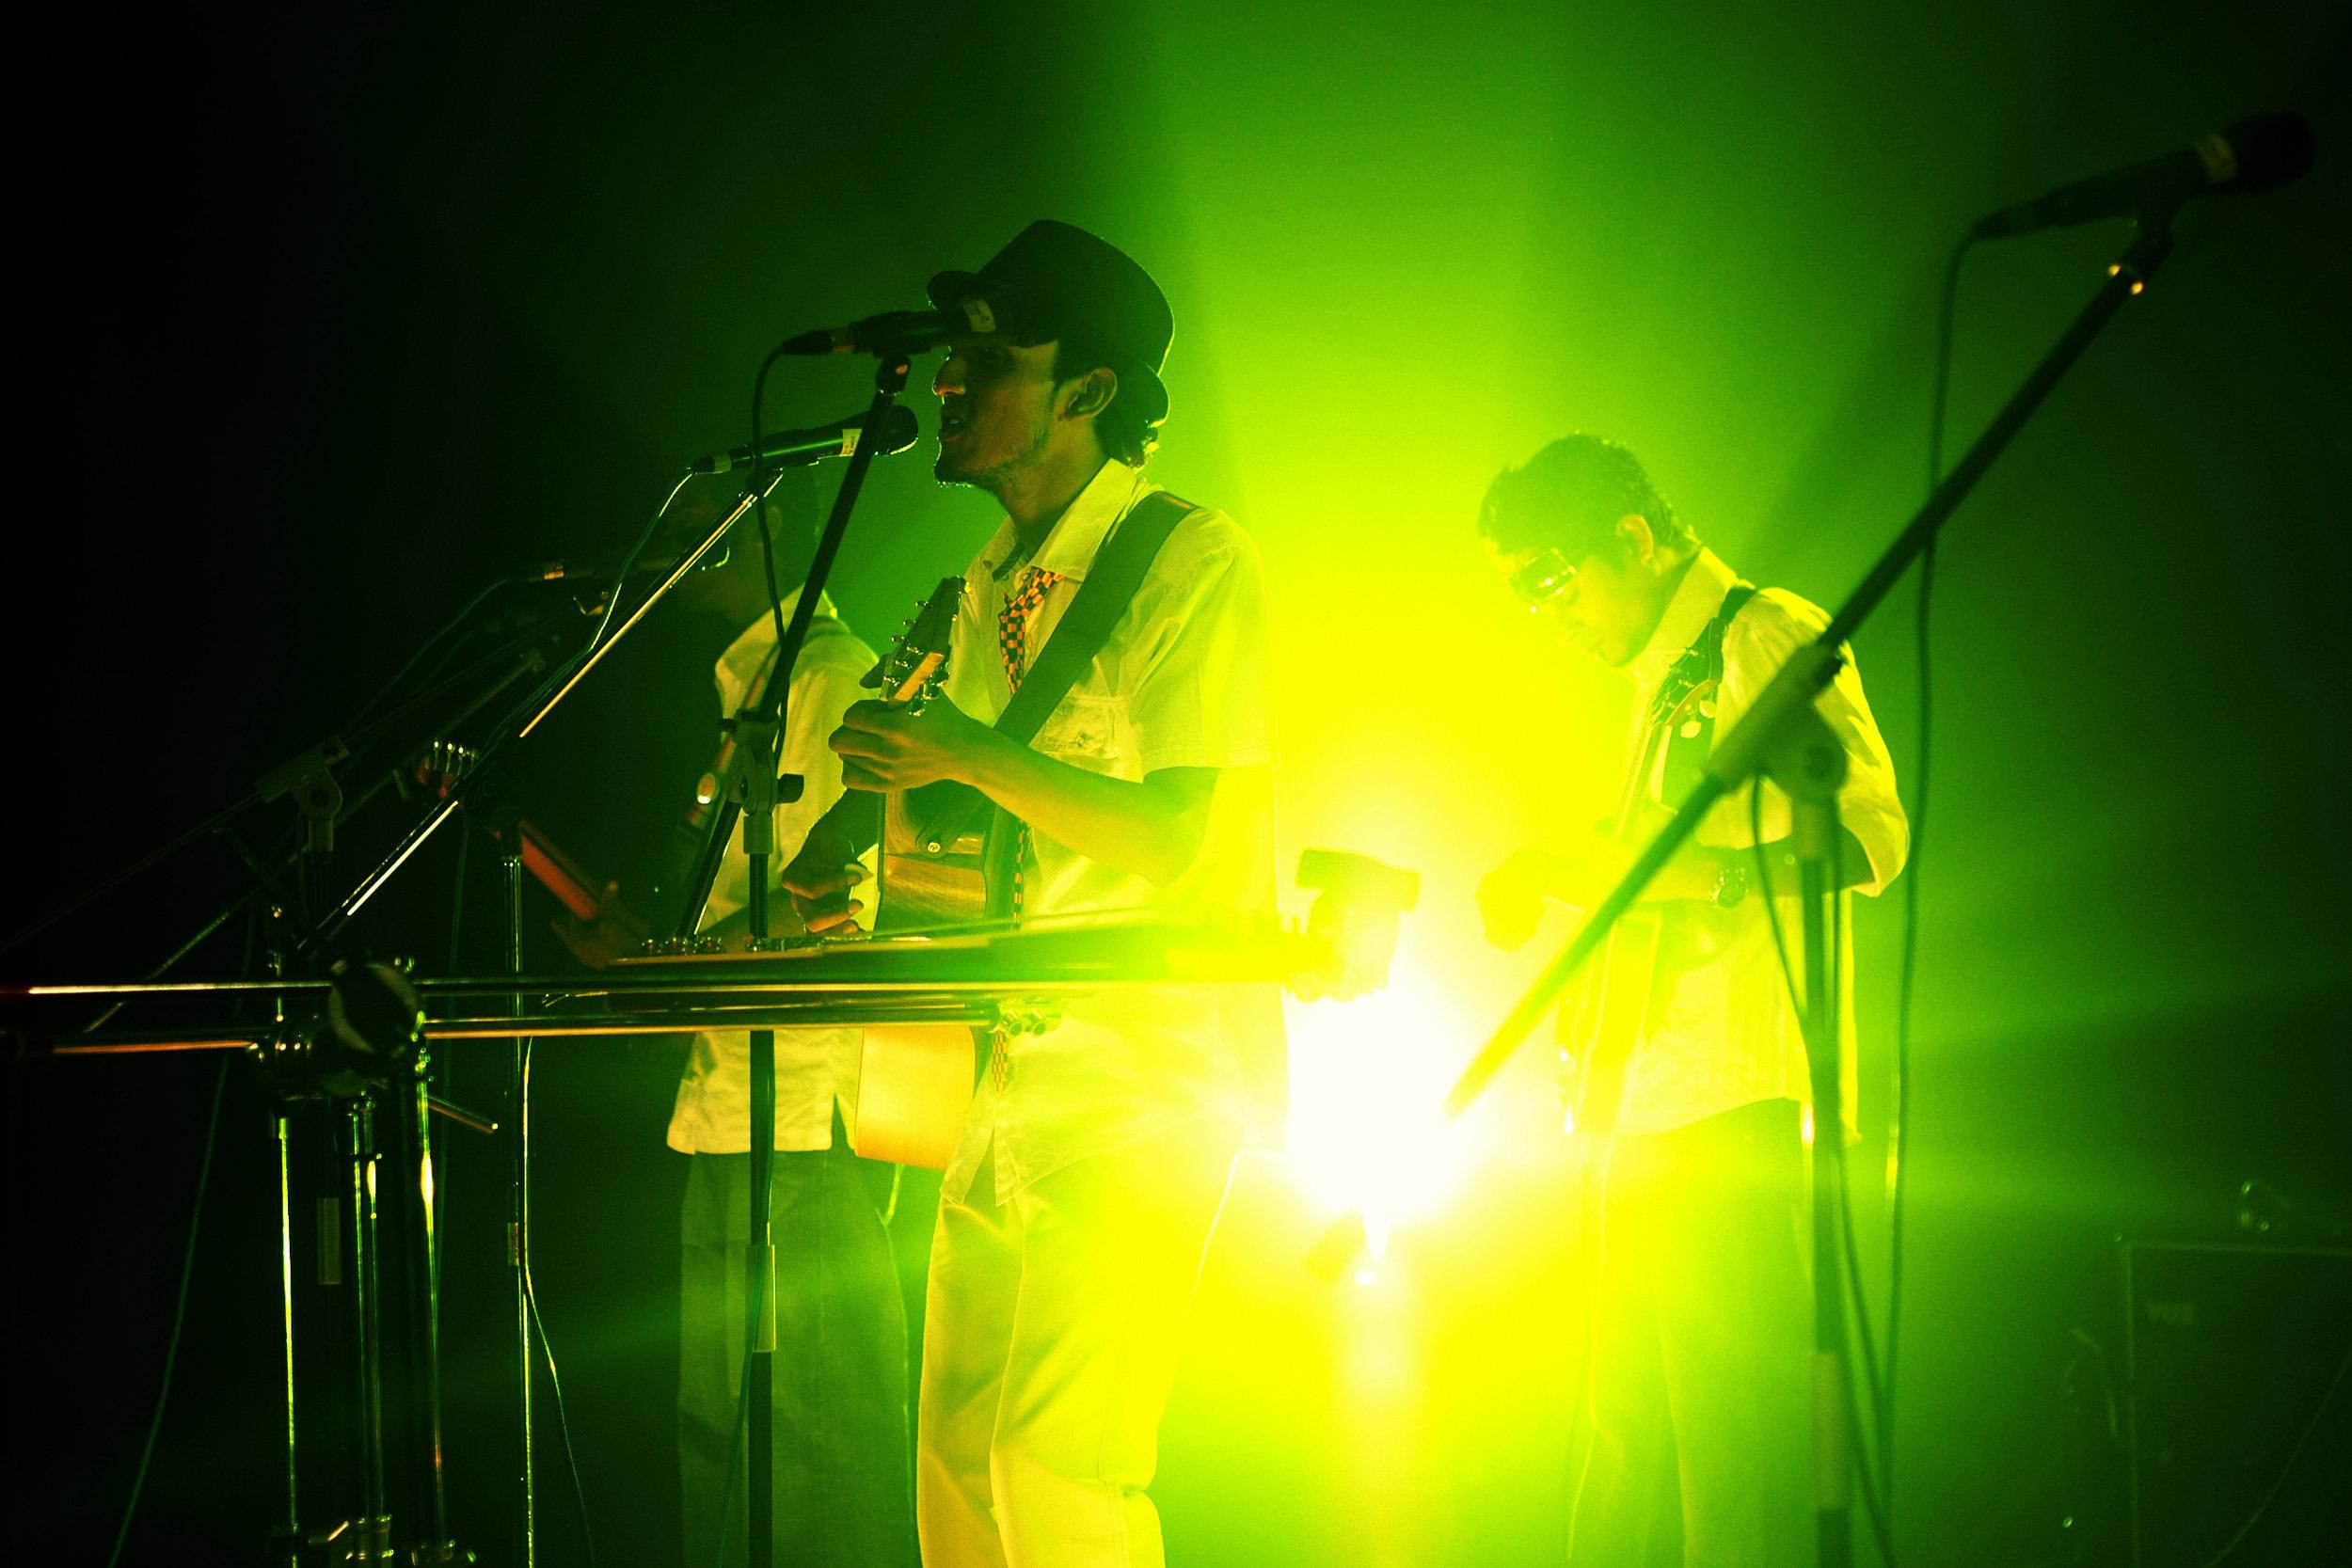 2009-08-19 - Male' City - Dharubaaruge' - Eku Ekee Album Launch - D70s-7841.jpg